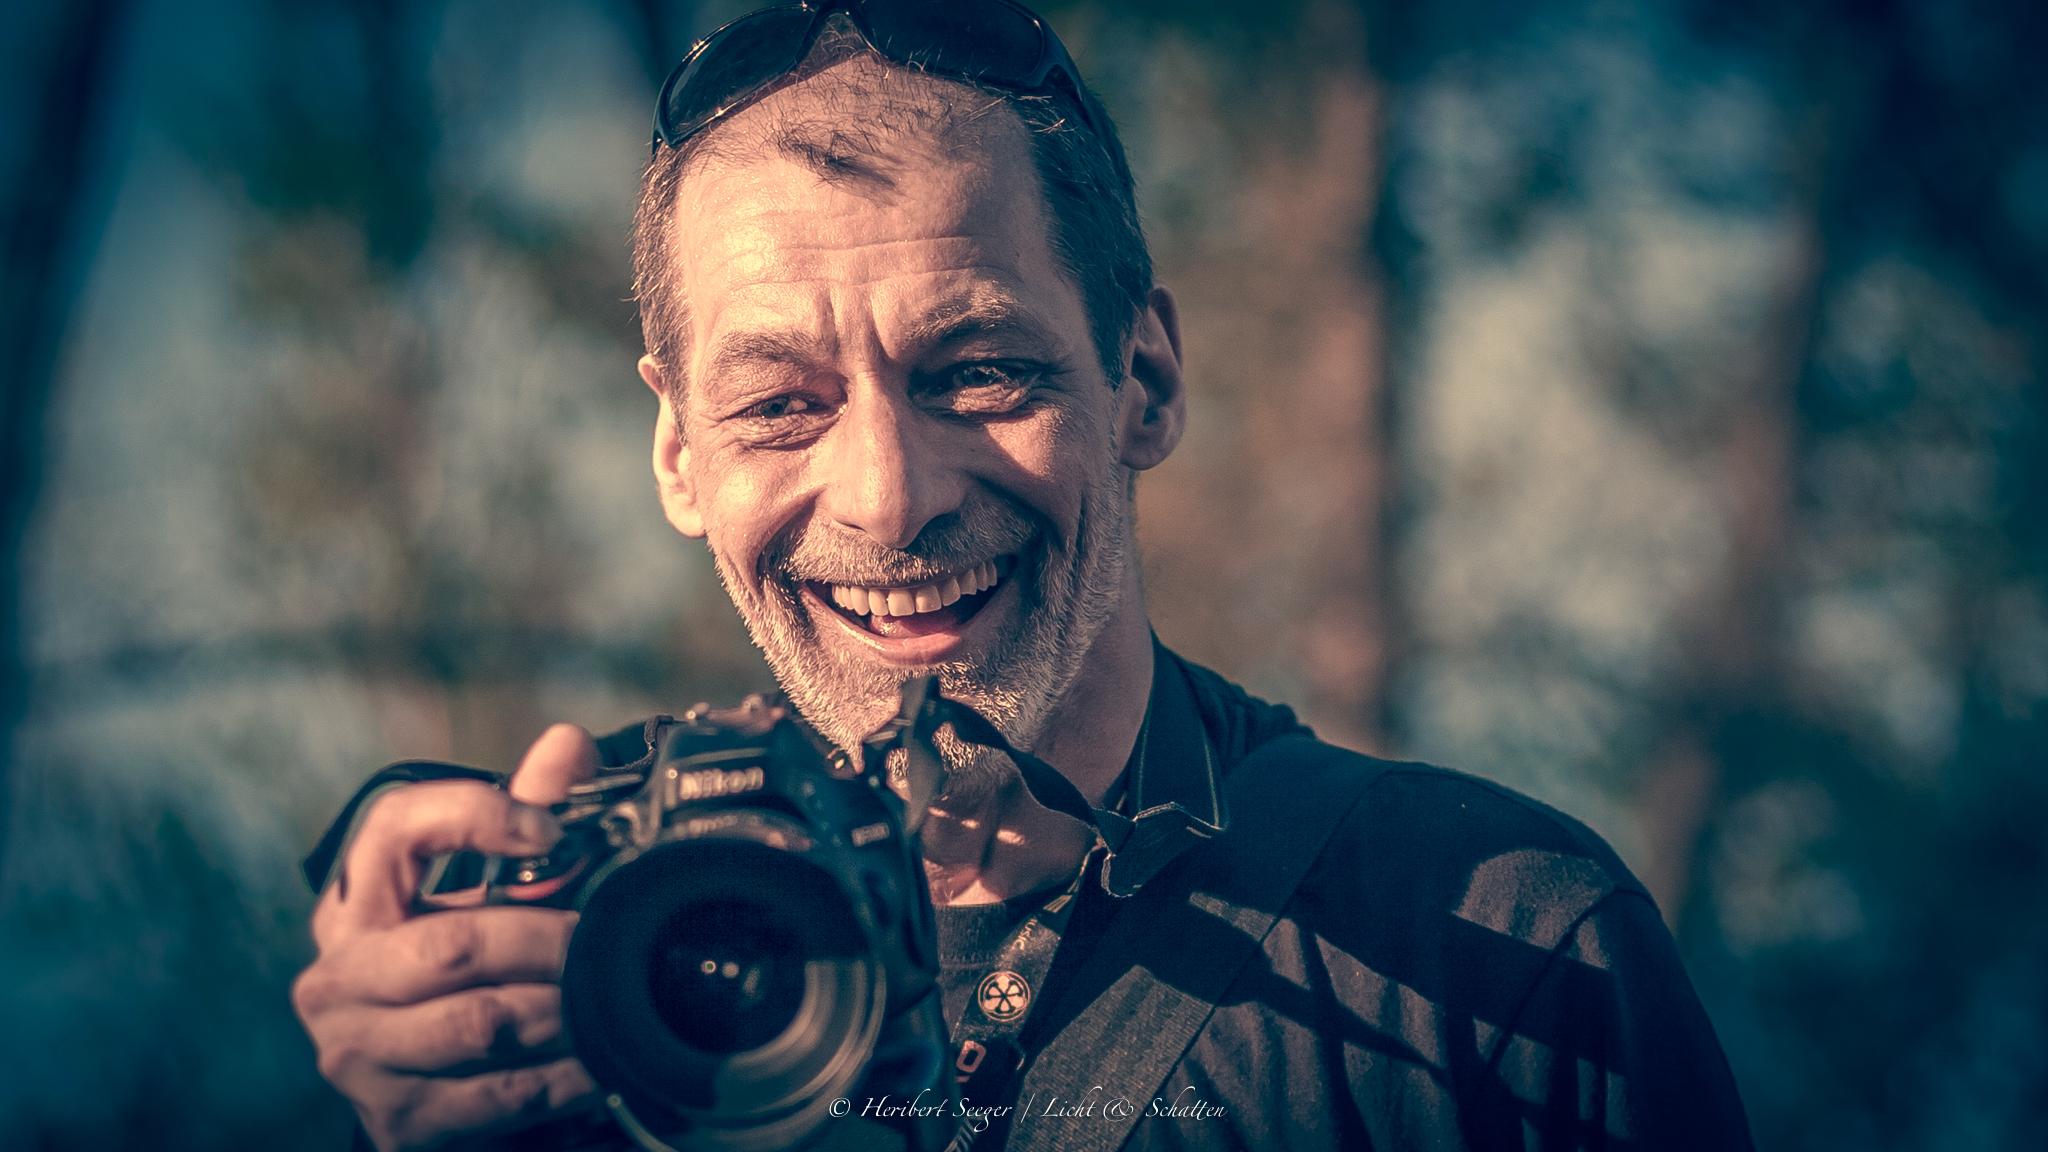 Nachruf: Udo Herzog